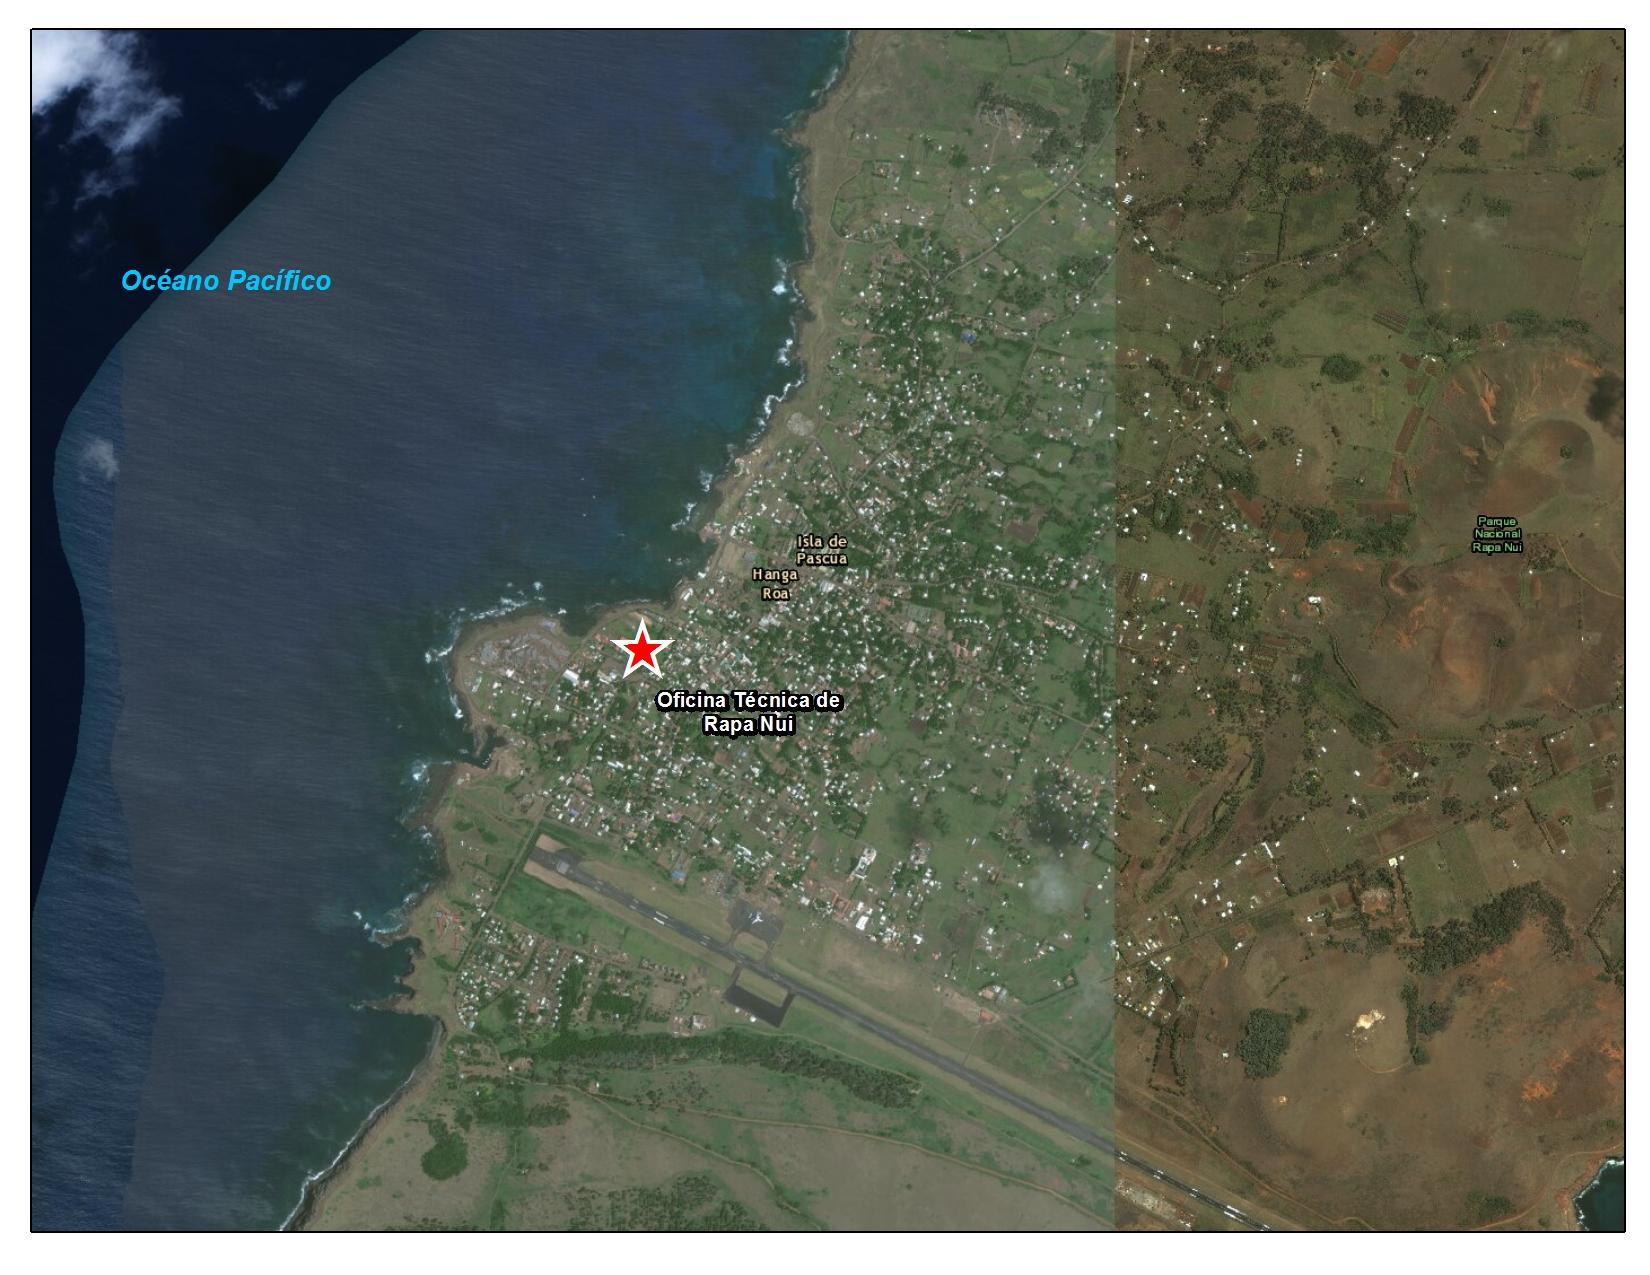 Imagen de Oficina técnica provincial Isla de Pascua (Secretaría técnica de patrimonio Rapa Nui)